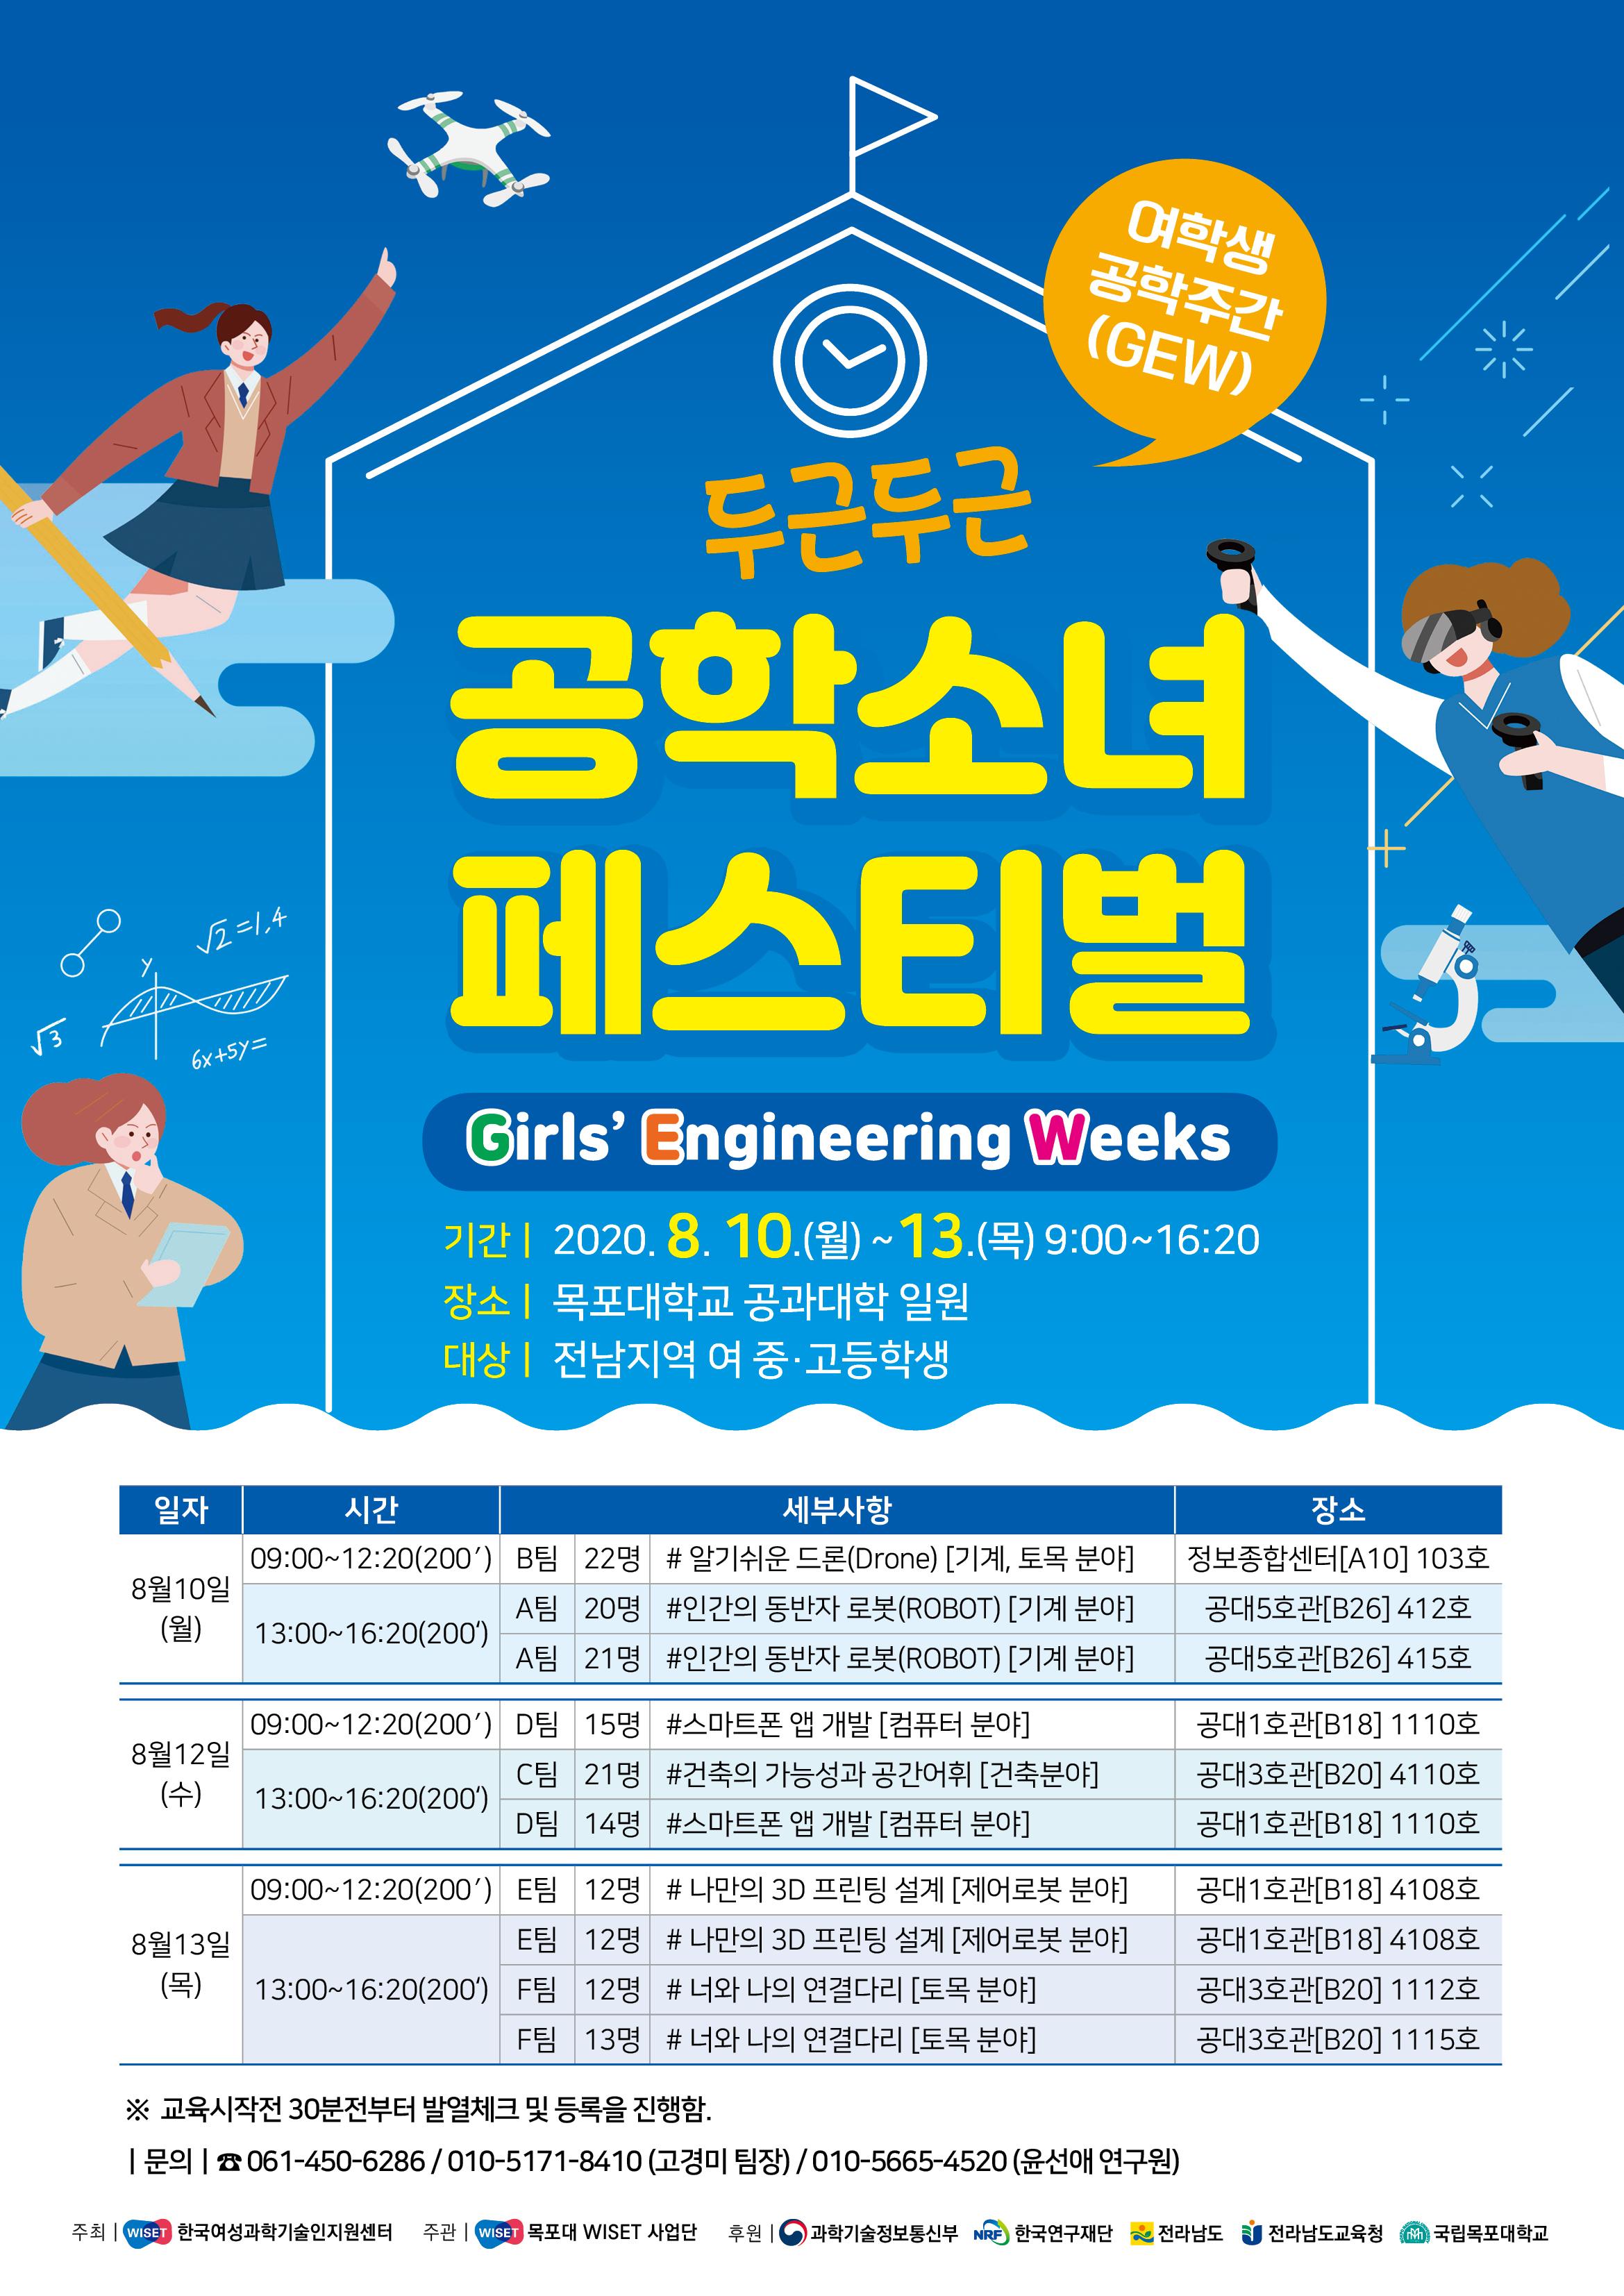 붙임2. G.E.W. 홍보 포스터(최종).jpg